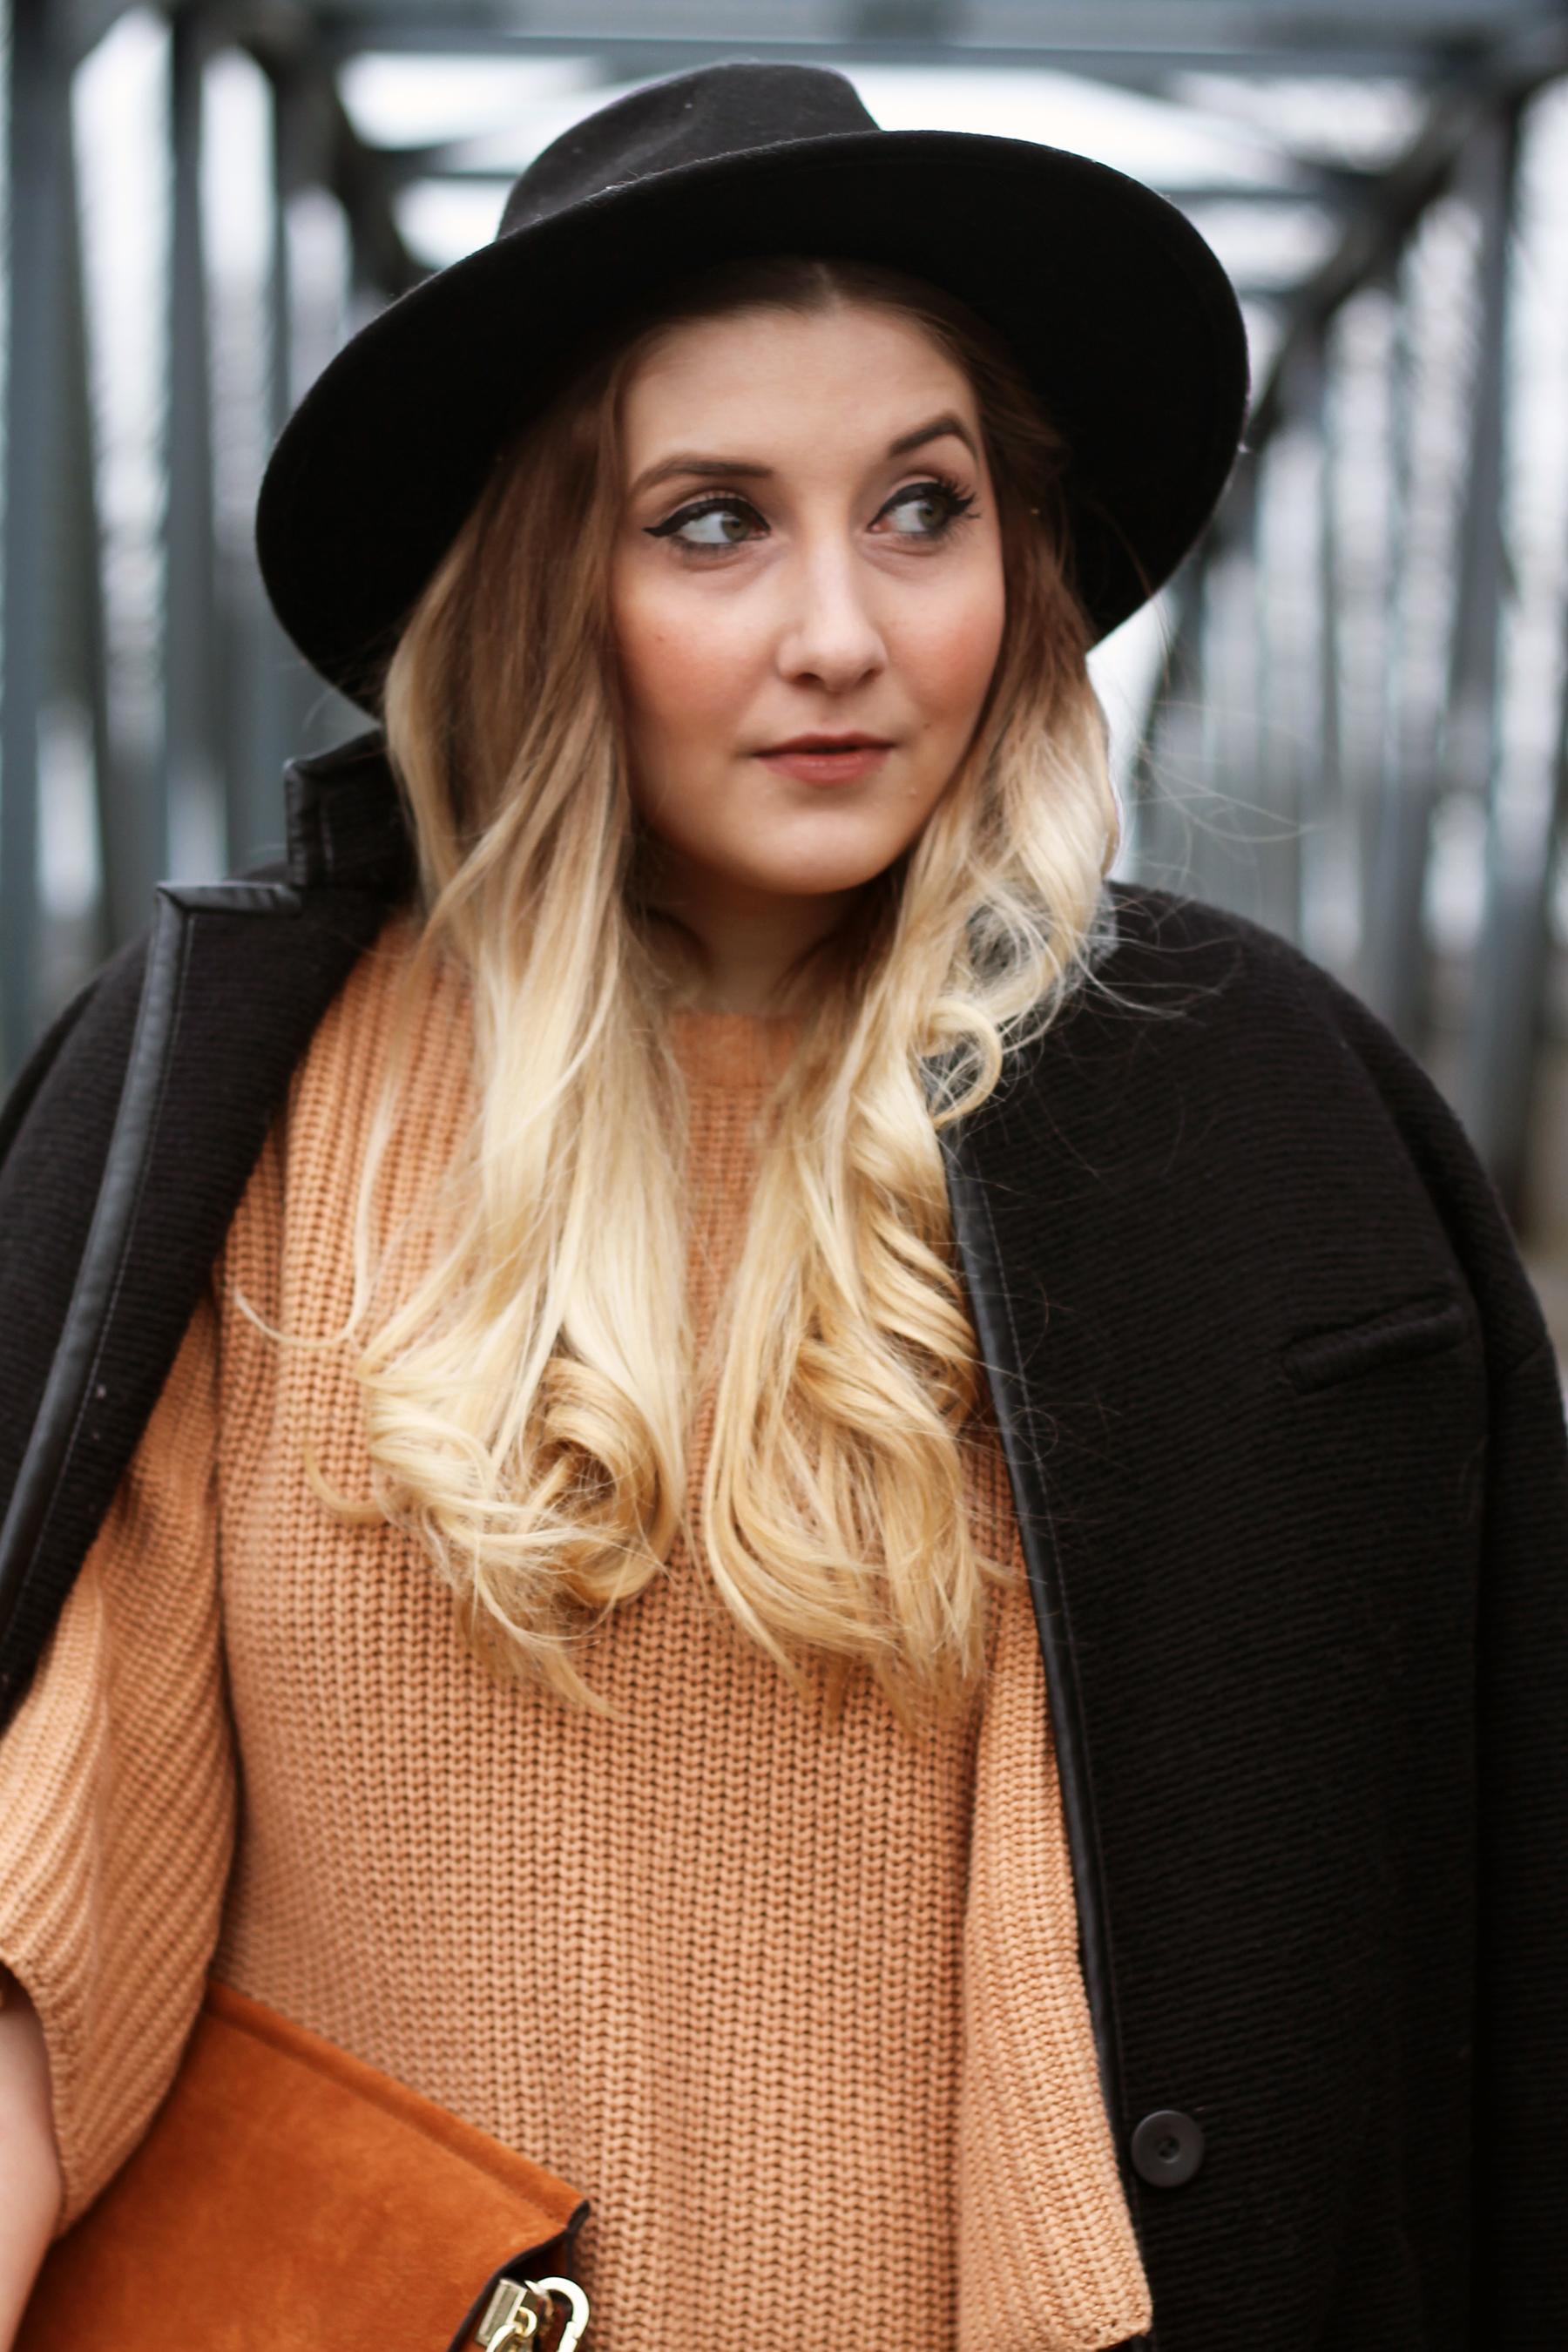 outfit-modeblog-fashionblog-look-style-senfgelber-pullover-lederhose